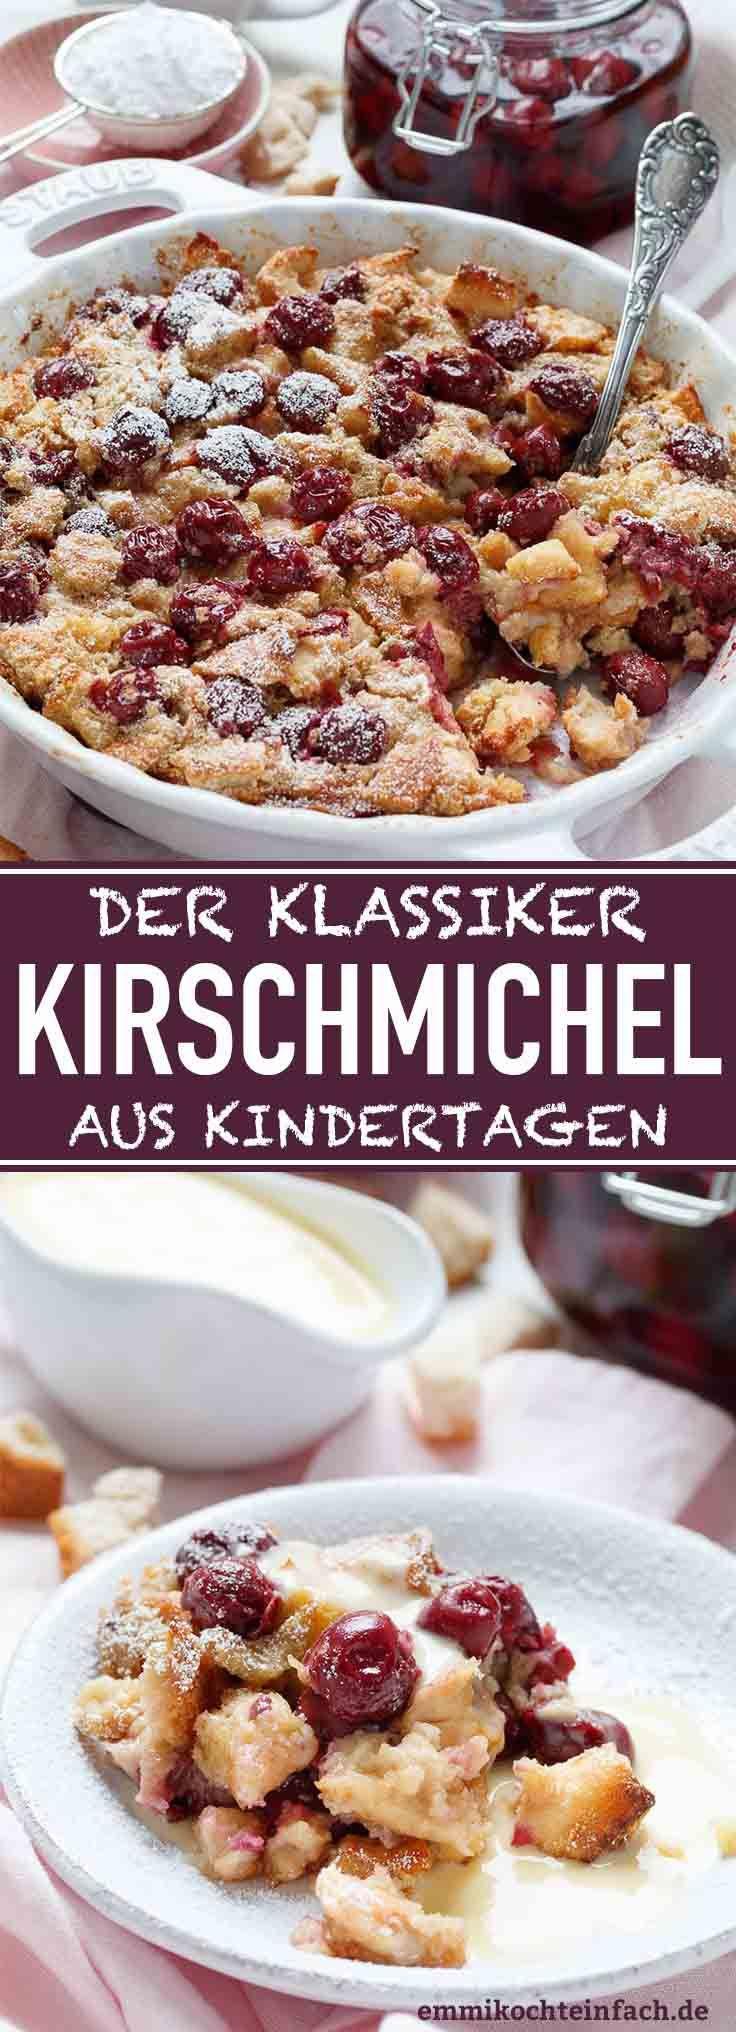 Omis Kirschmichel